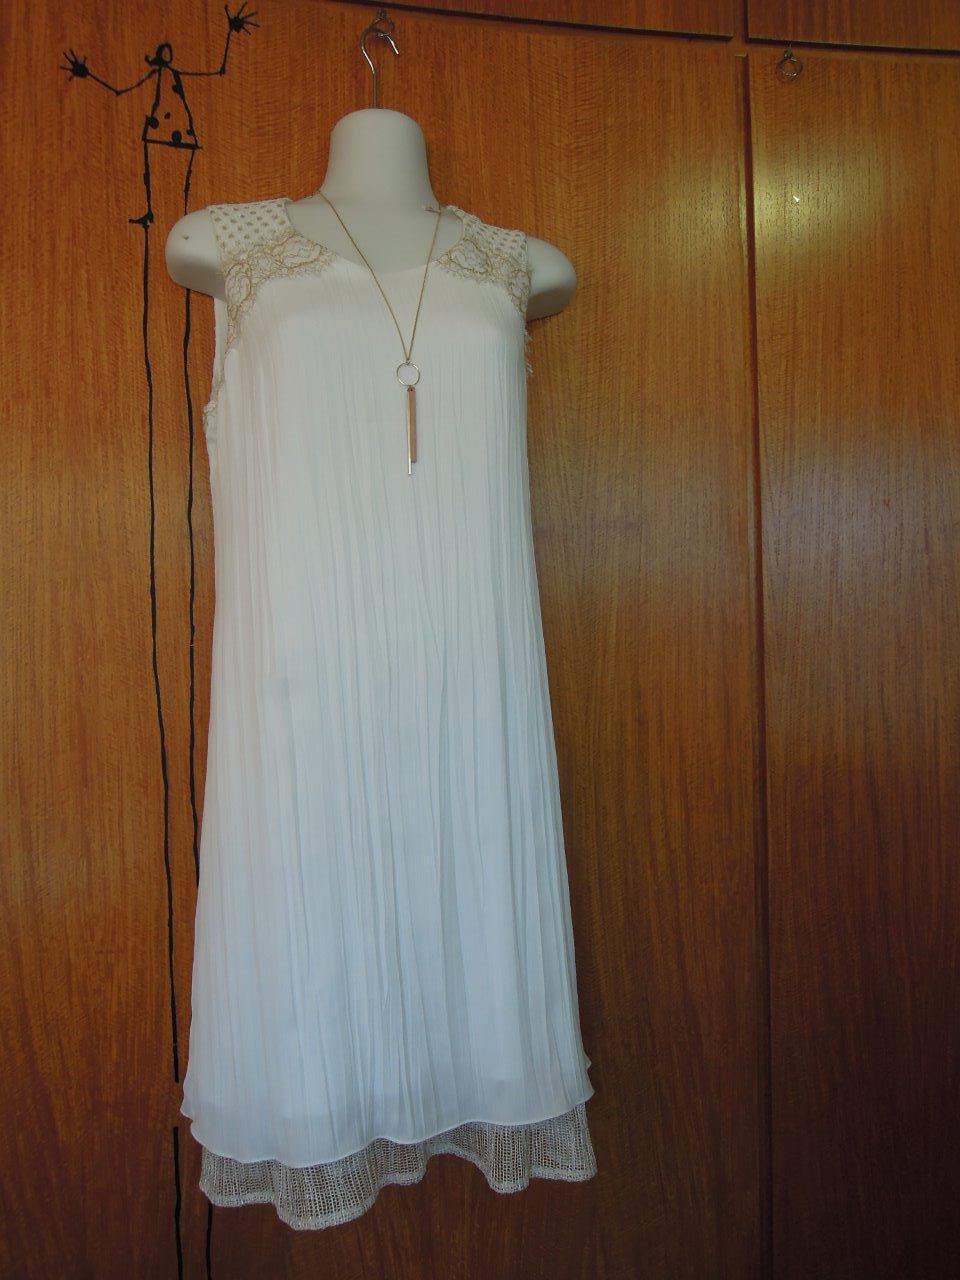 dressing-des-tendances-robe-blanche-noumea-nouvelle-caledonie.nc.jpg